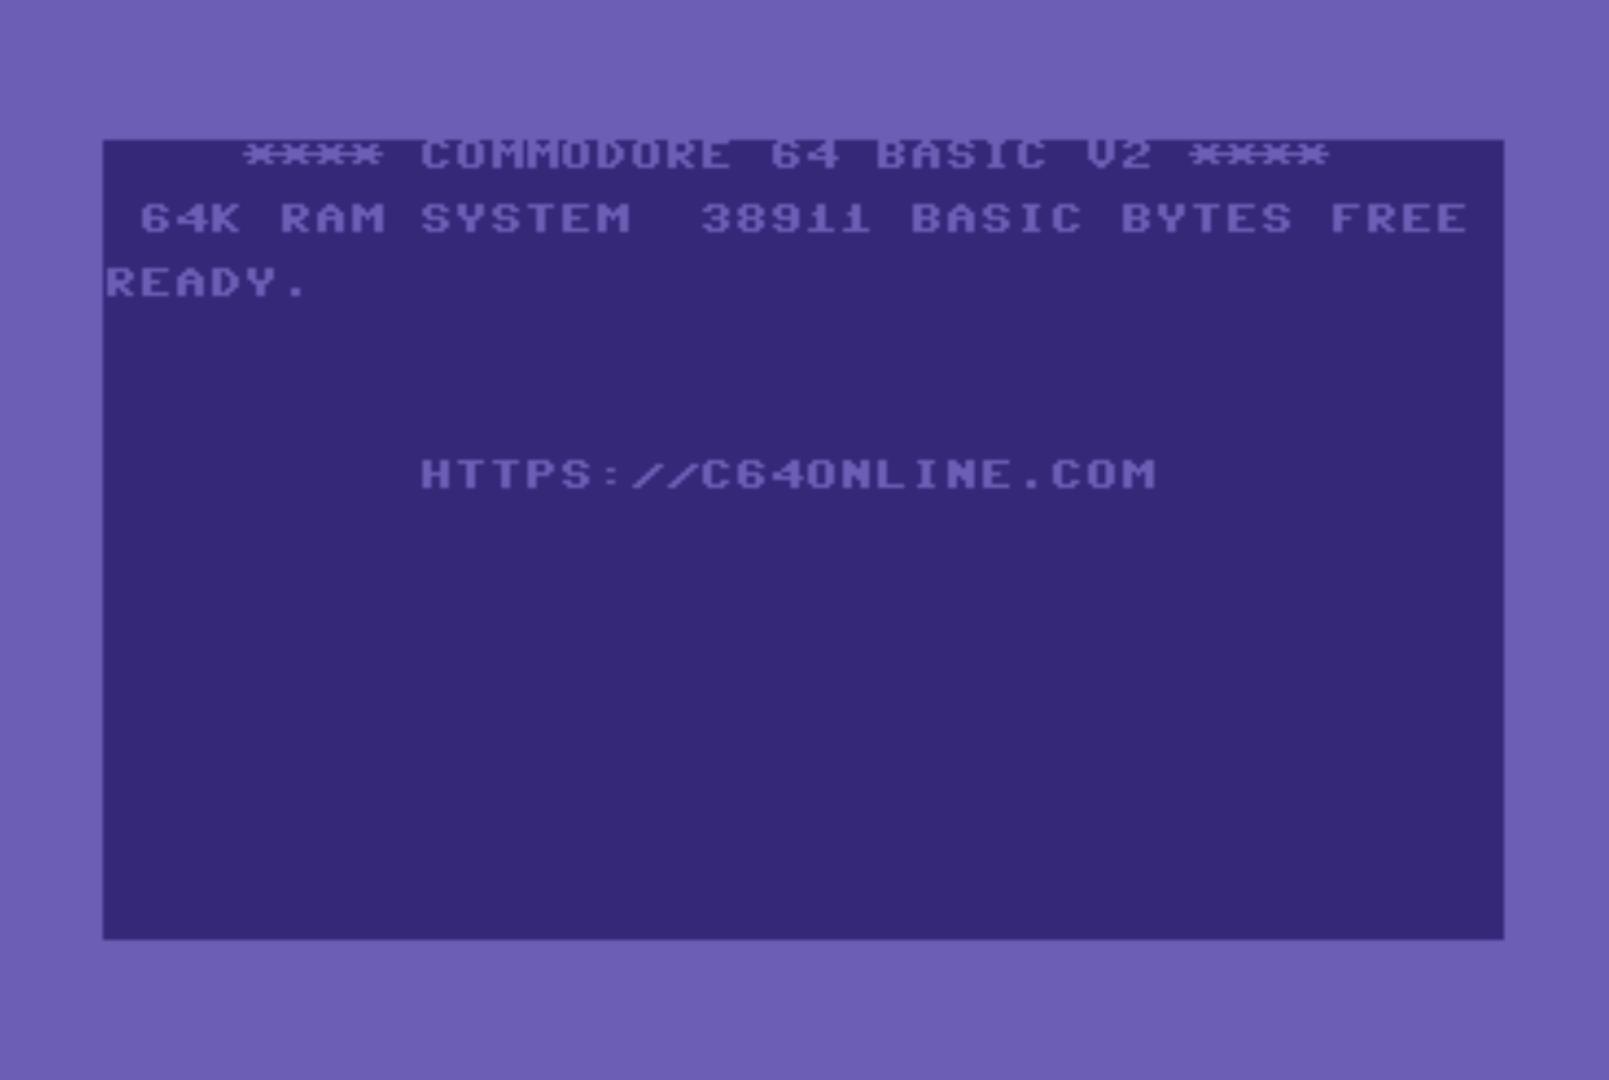 C64 online